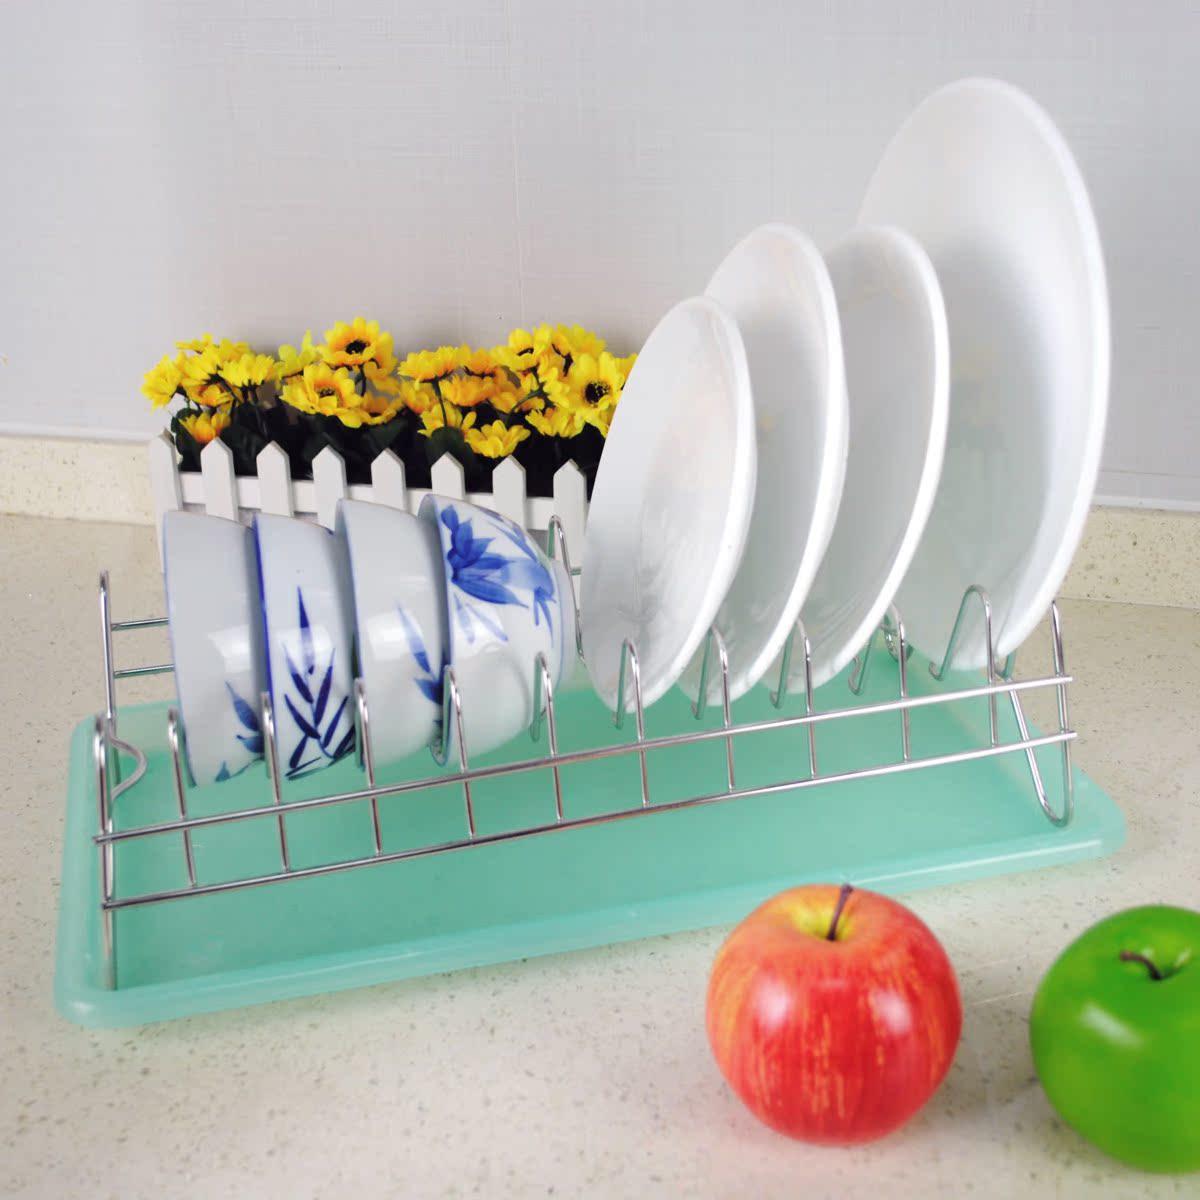 厨房置物架百迪生收纳碗架 沥水架 碗碟架厨房用品厨房置物收纳架